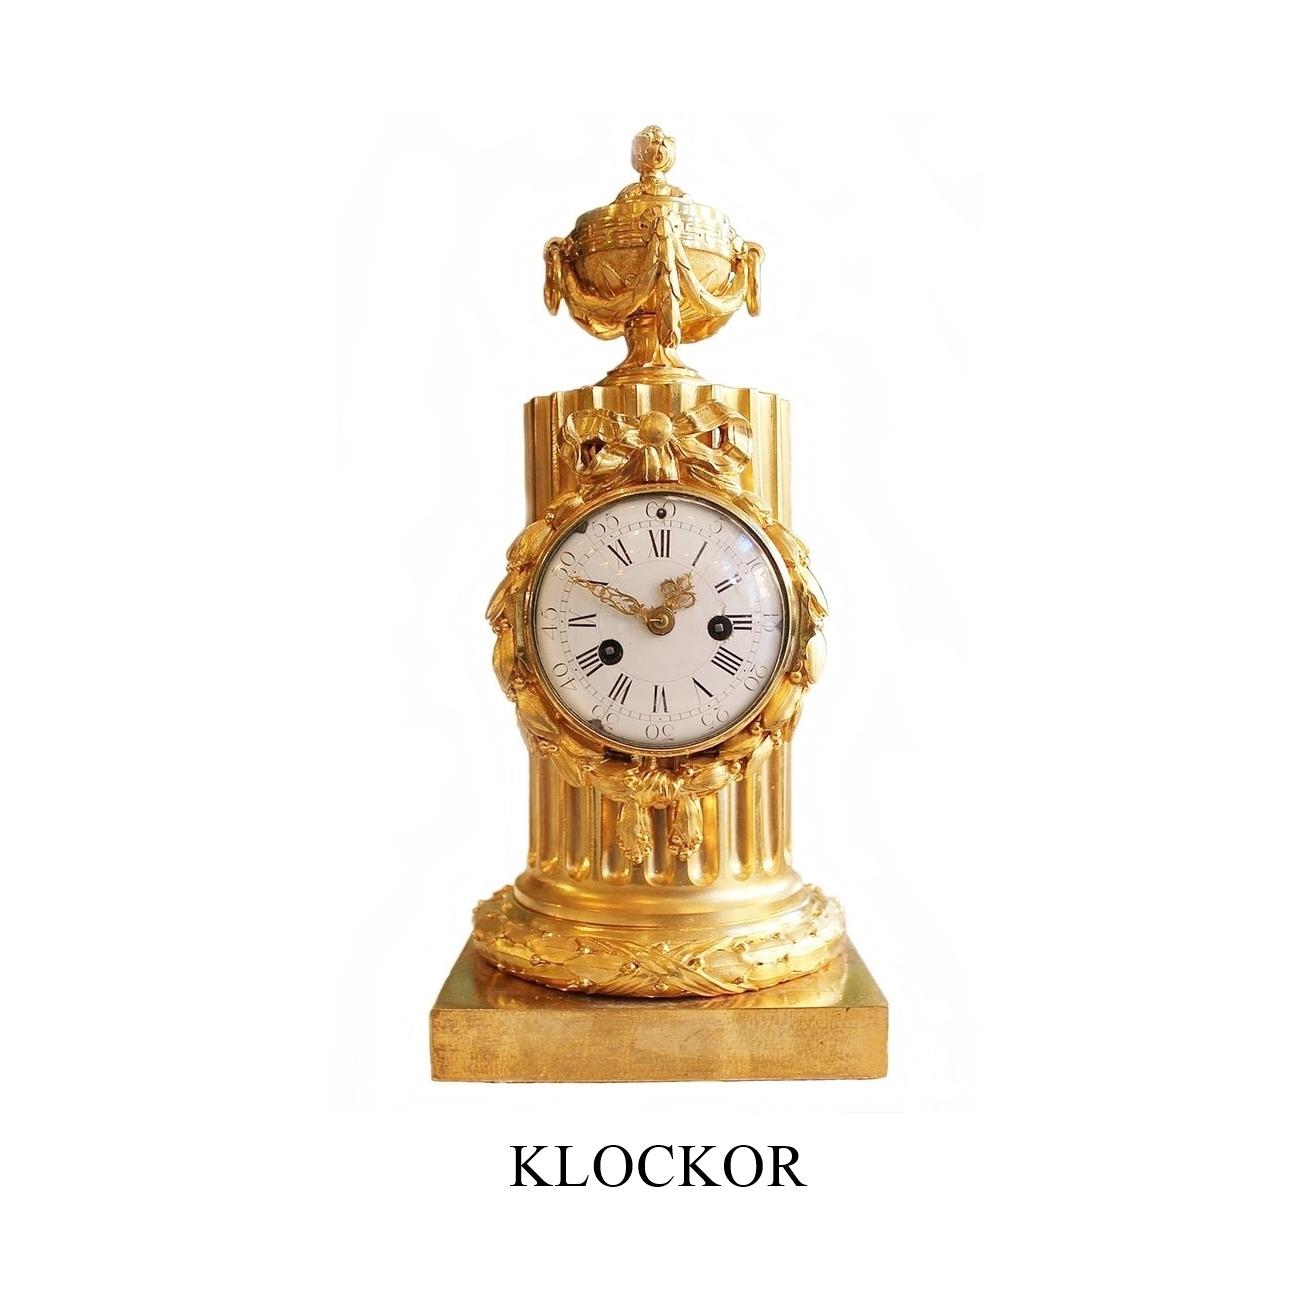 Klockor till salu